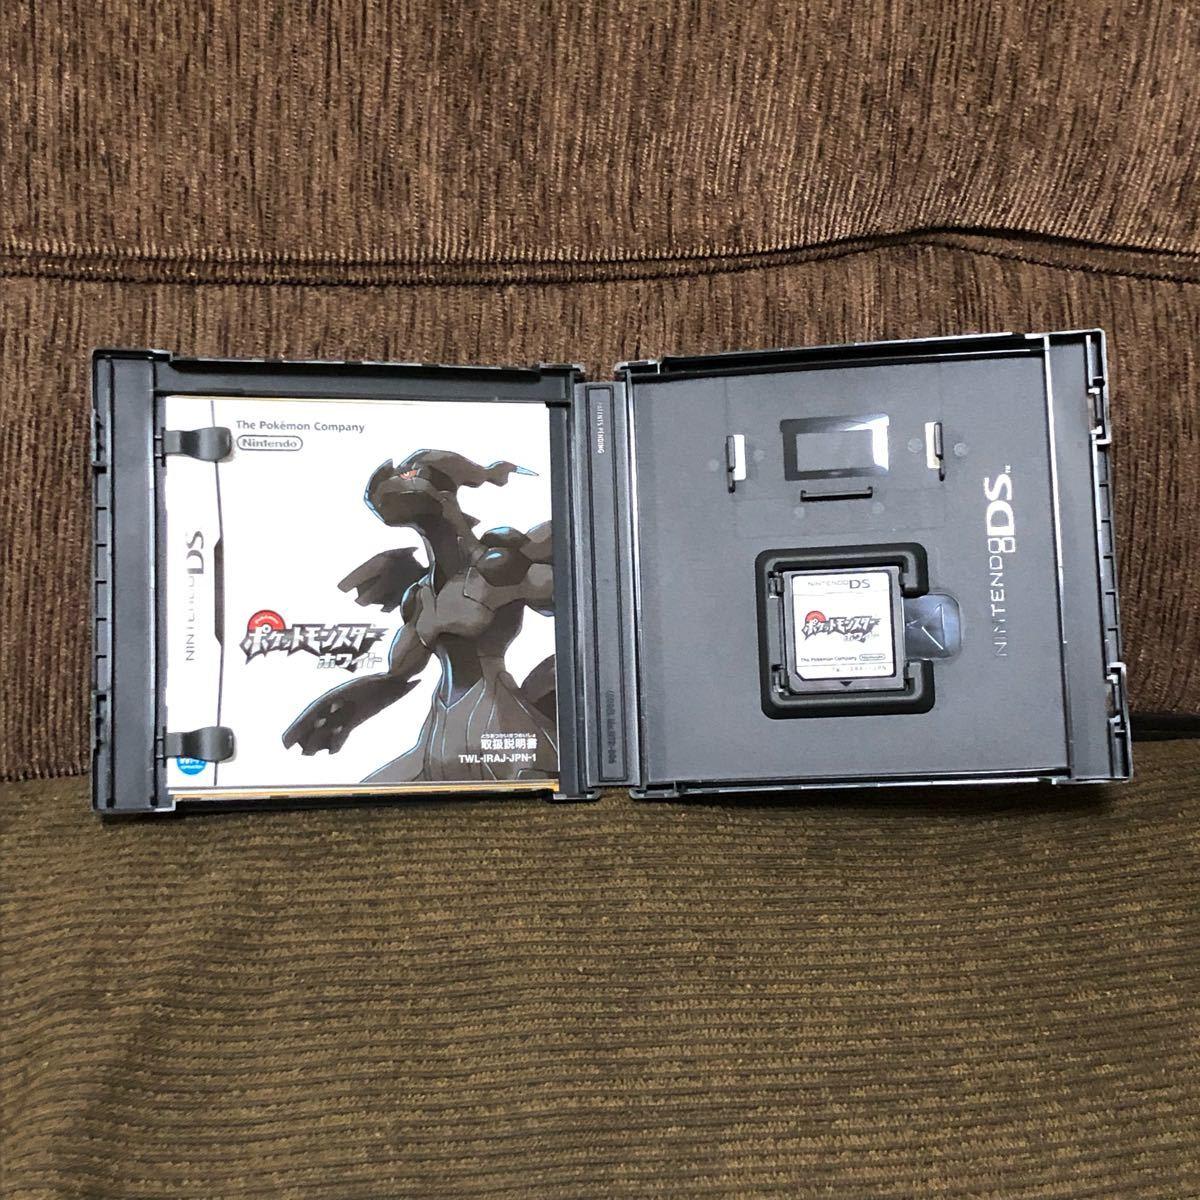 ポケットモンスター ブラック ホワイト ポケモン DS ニンテンドーDS ソフト